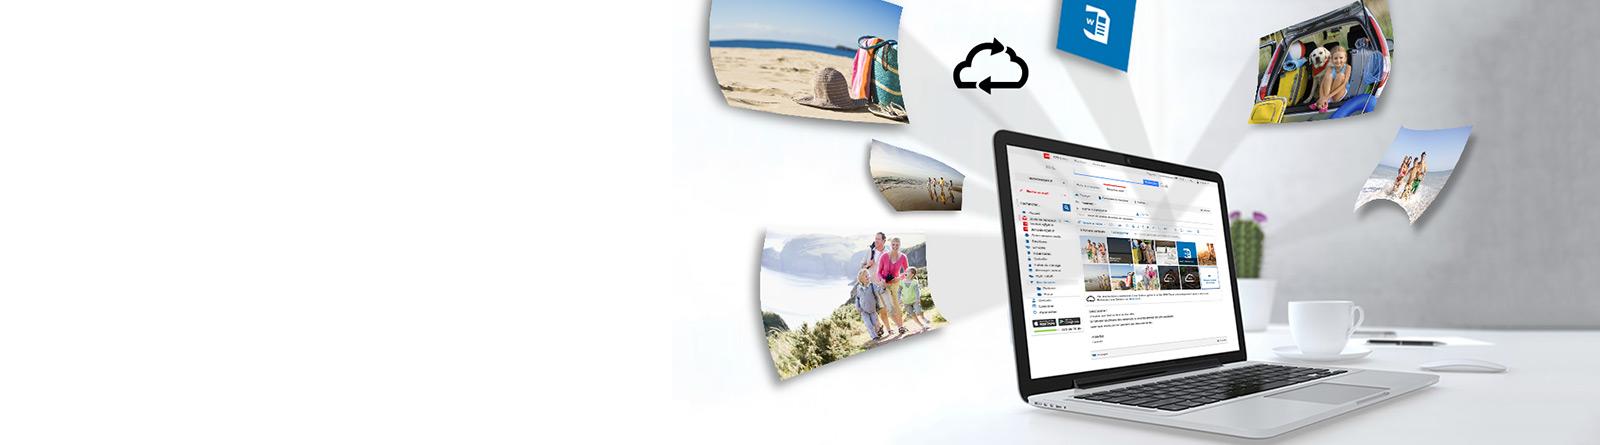 sfr mail altice retrouvez tous vos e mails sur vos mobiles tablettes et pc. Black Bedroom Furniture Sets. Home Design Ideas